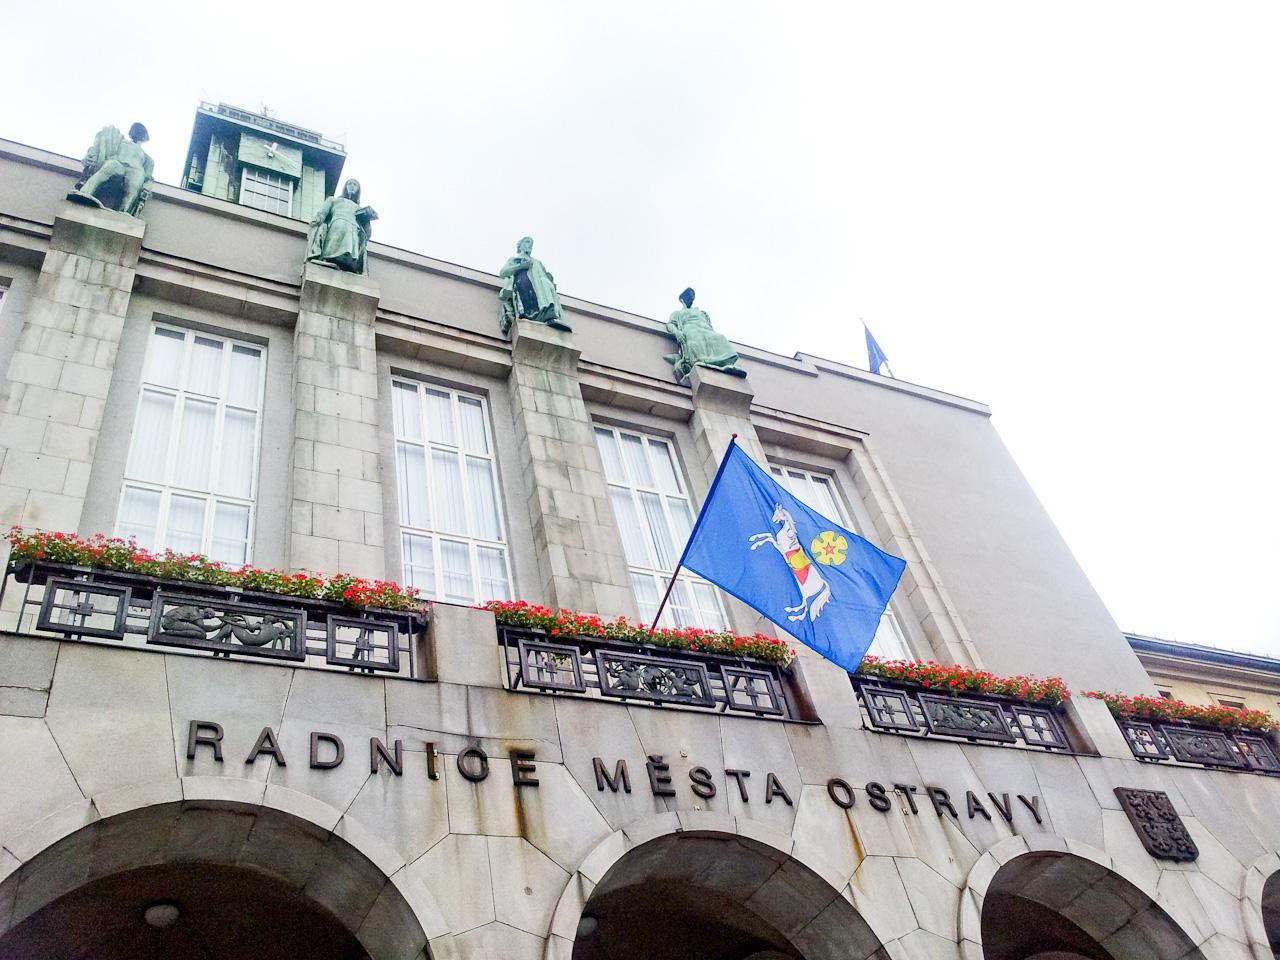 Radnice města Ostravy